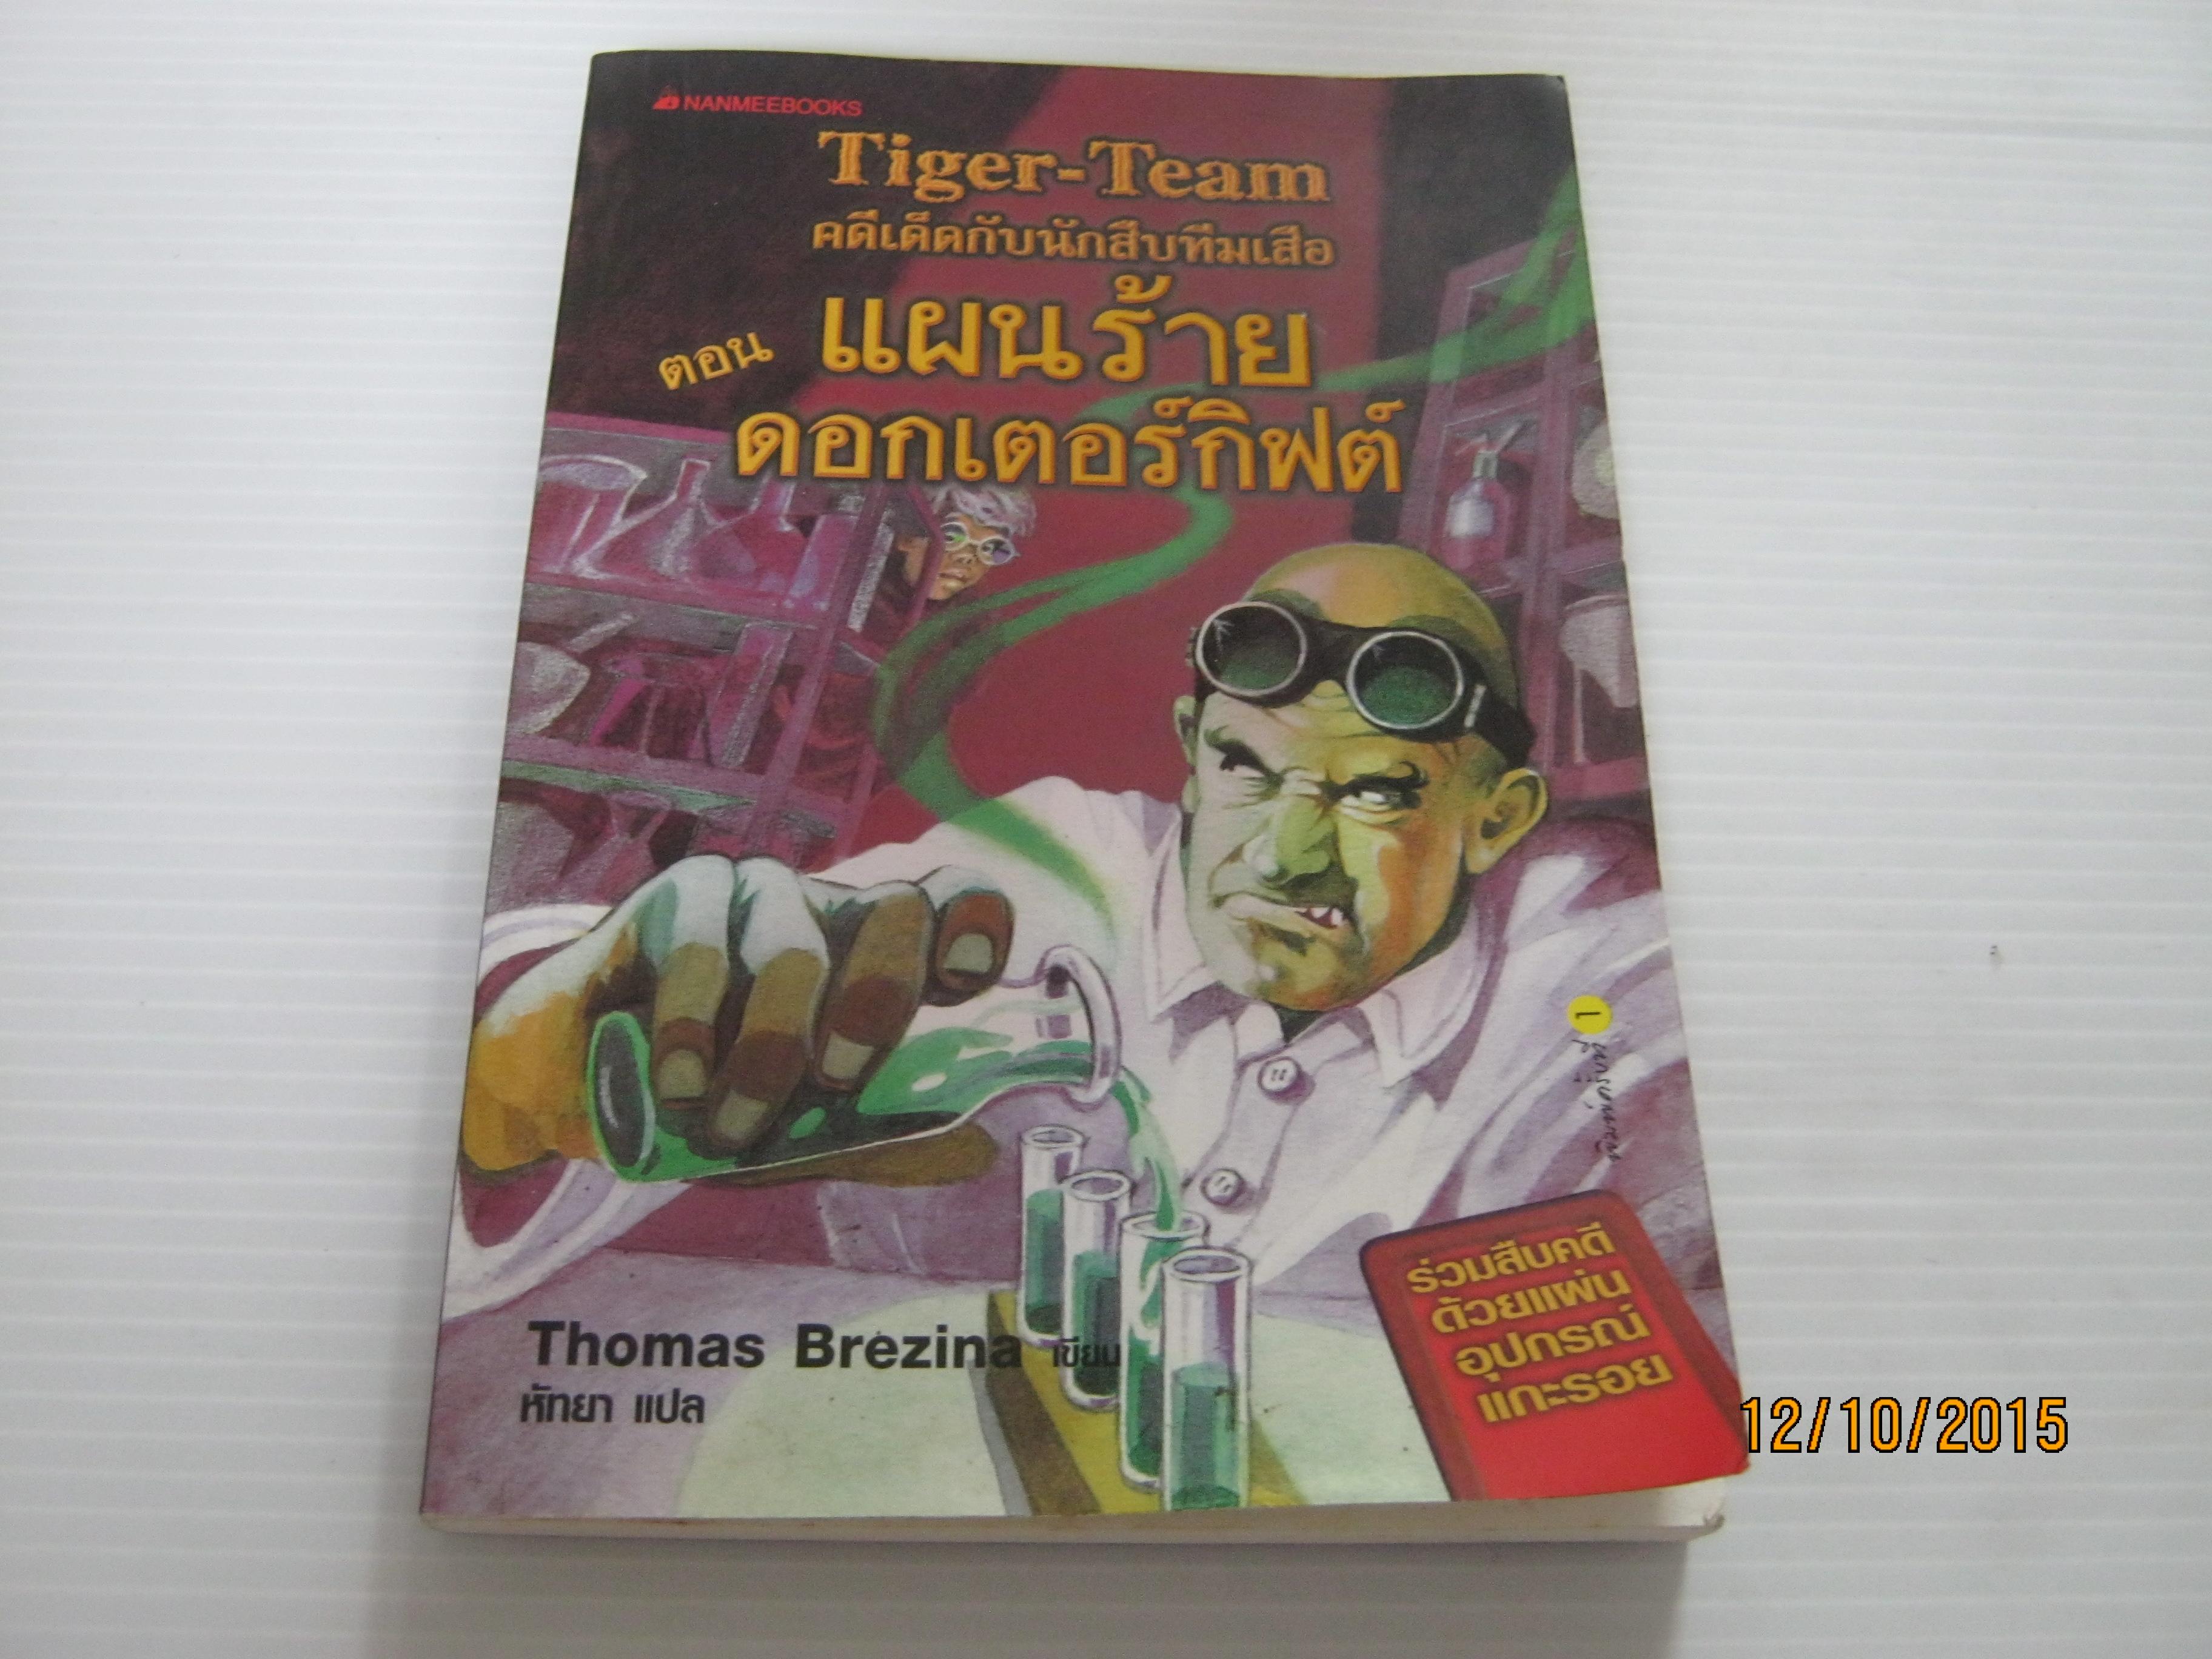 Tiger-Team คดีเด็กับนักสืบทีมเสือ ตอน แผนร้ายดอกเตอร์กิฟต์ Thomas Brezina เขียน หัทยา แปล